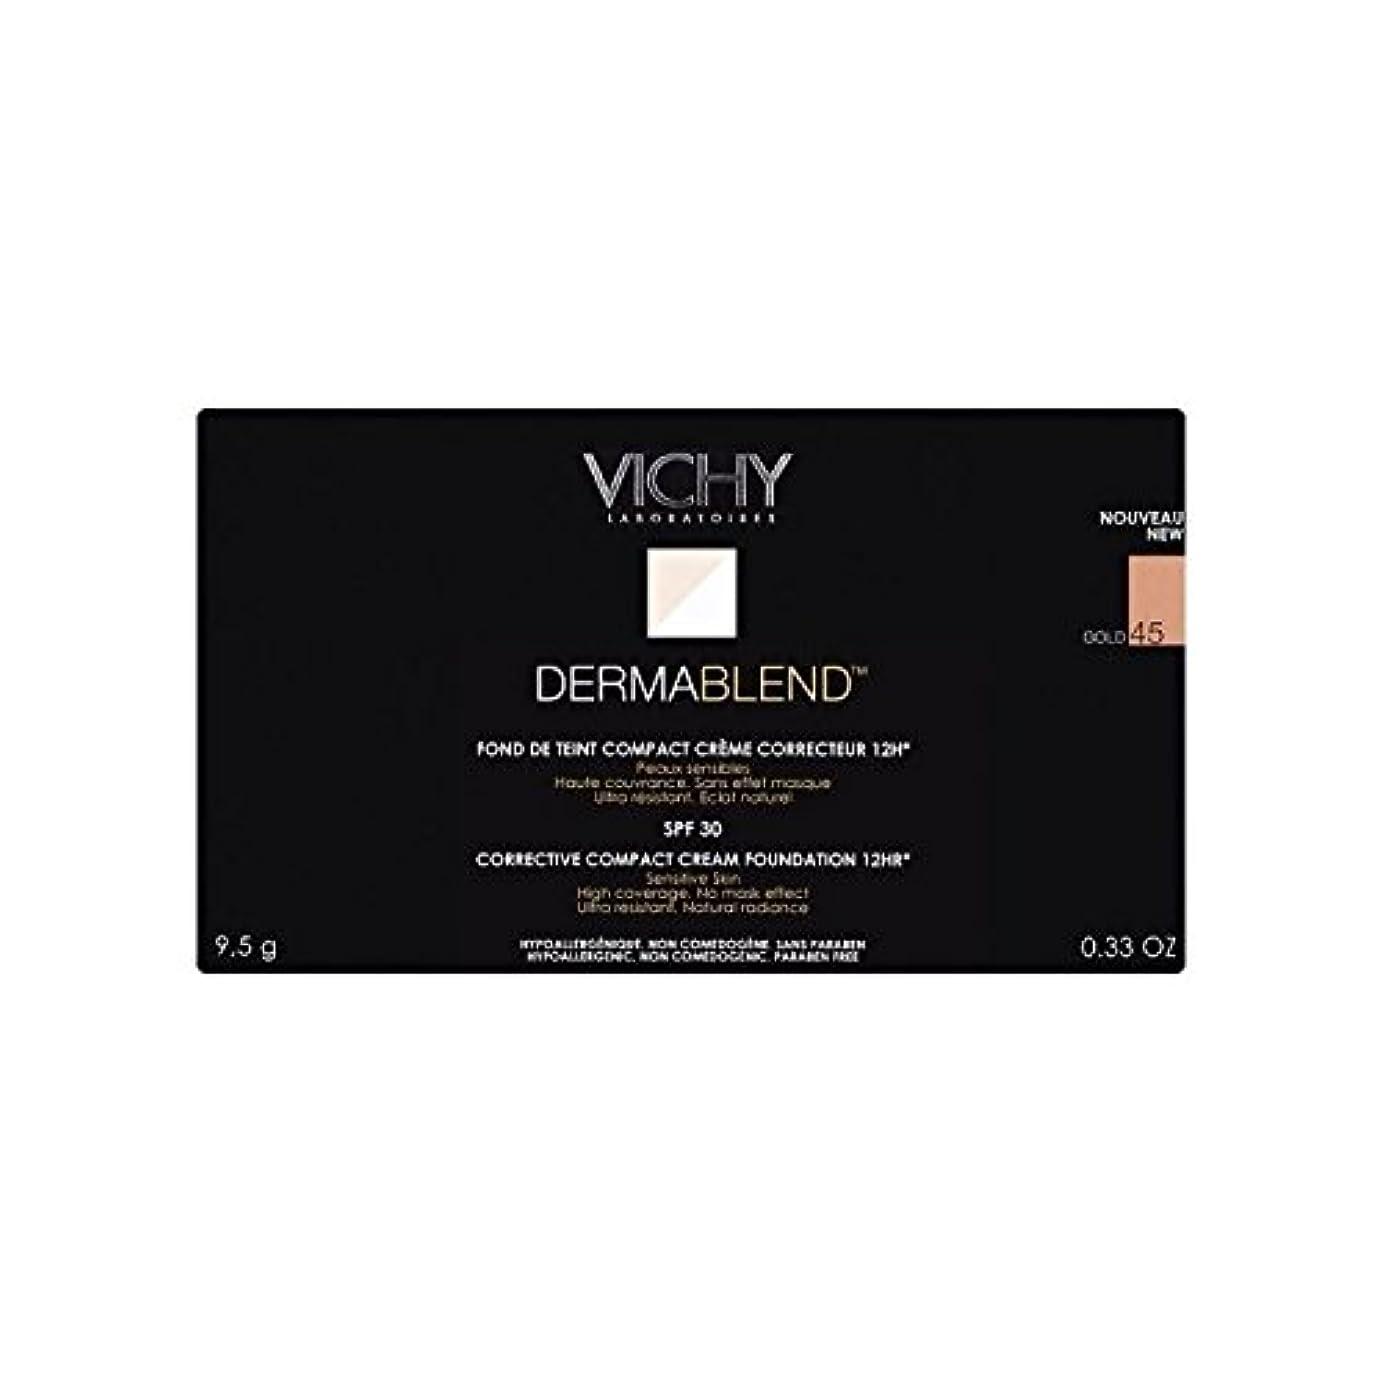 ぬるい雨ペダルヴィシー是正コンパクトクリームファンデーション金45 x4 - Vichy Dermablend Corrective Compact Cream Foundation Gold 45 (Pack of 4) [並行輸入品]